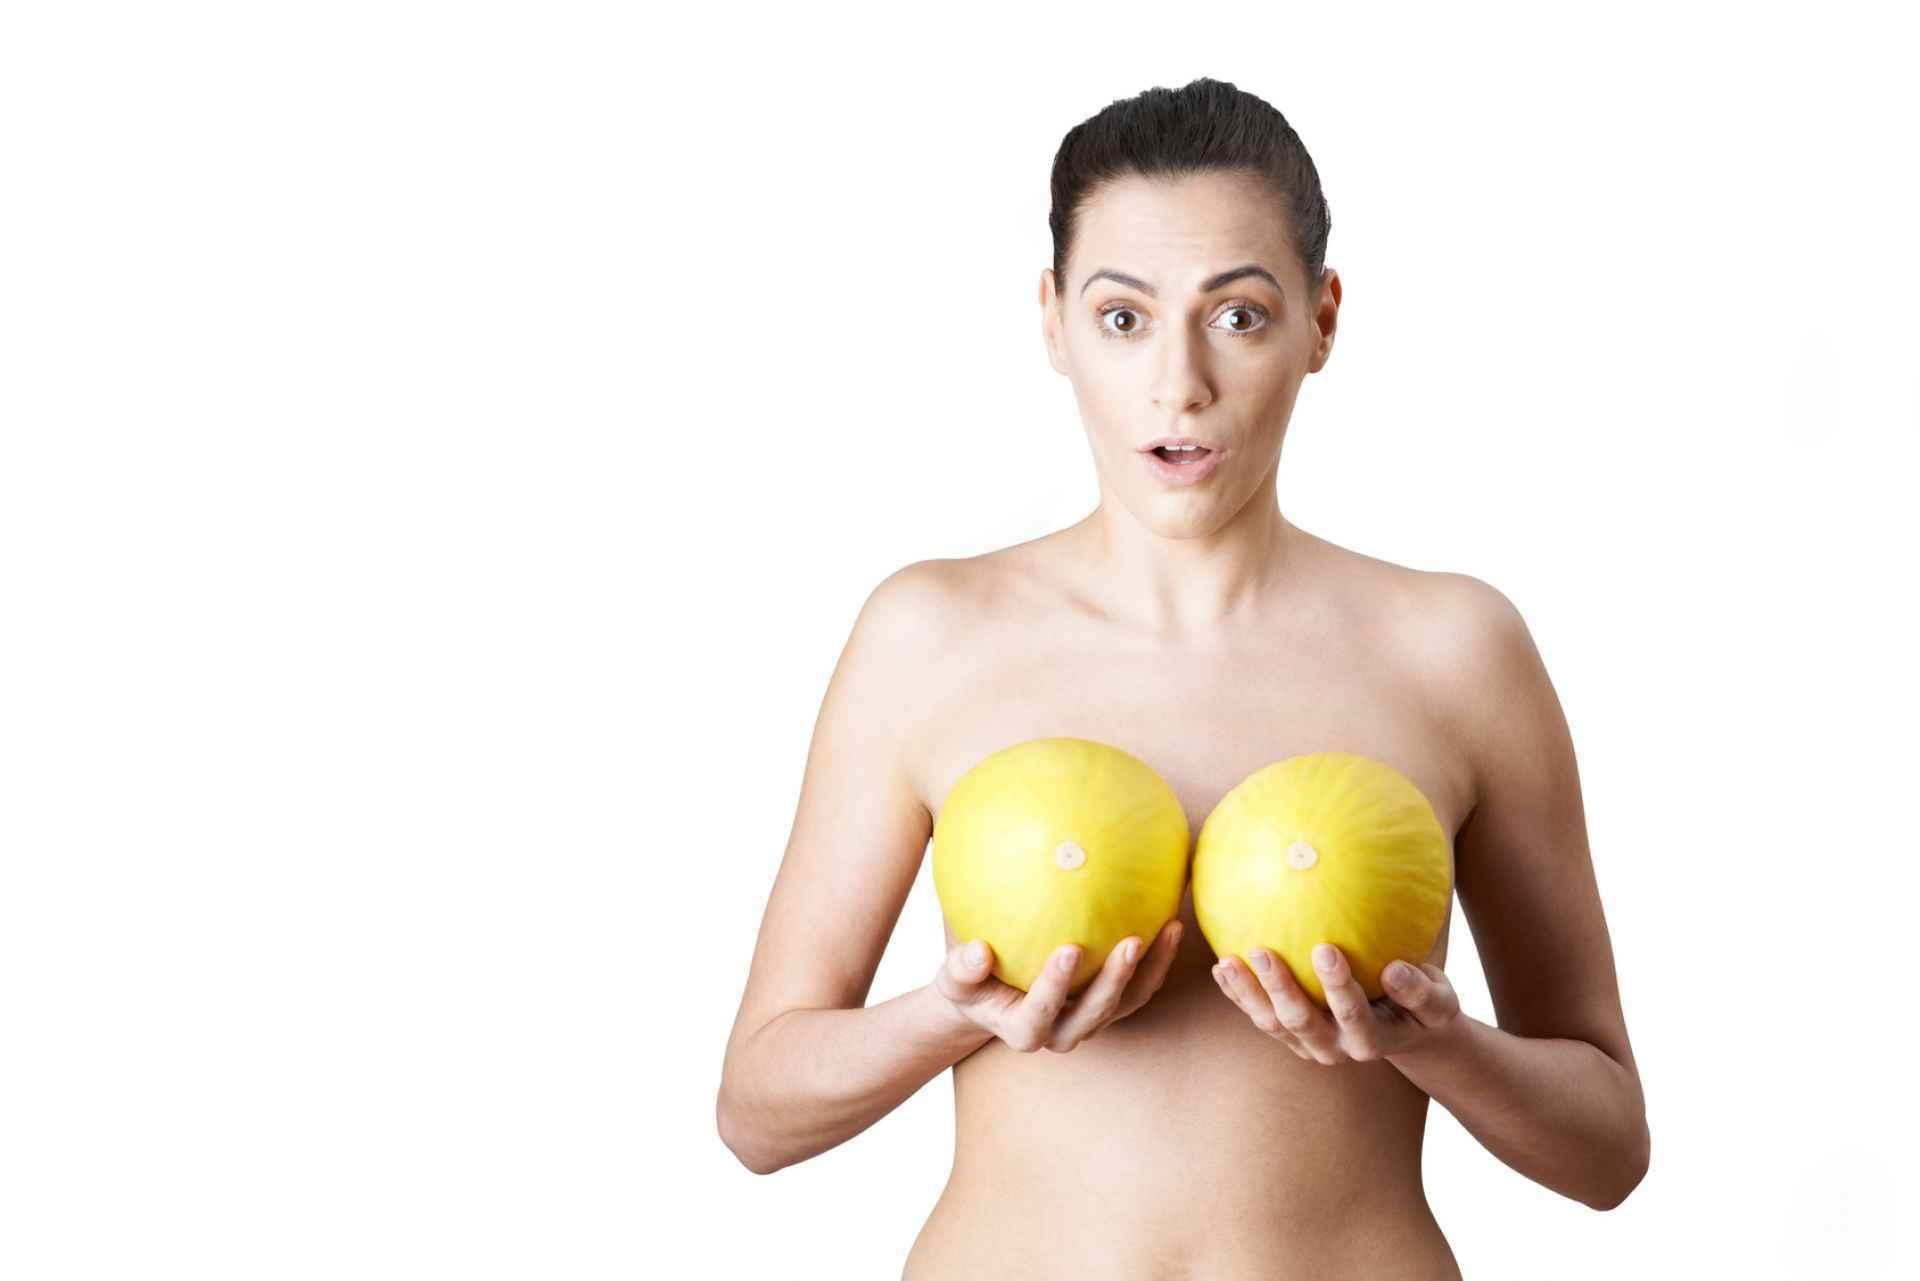 Le danger de ... seins? SDC.com